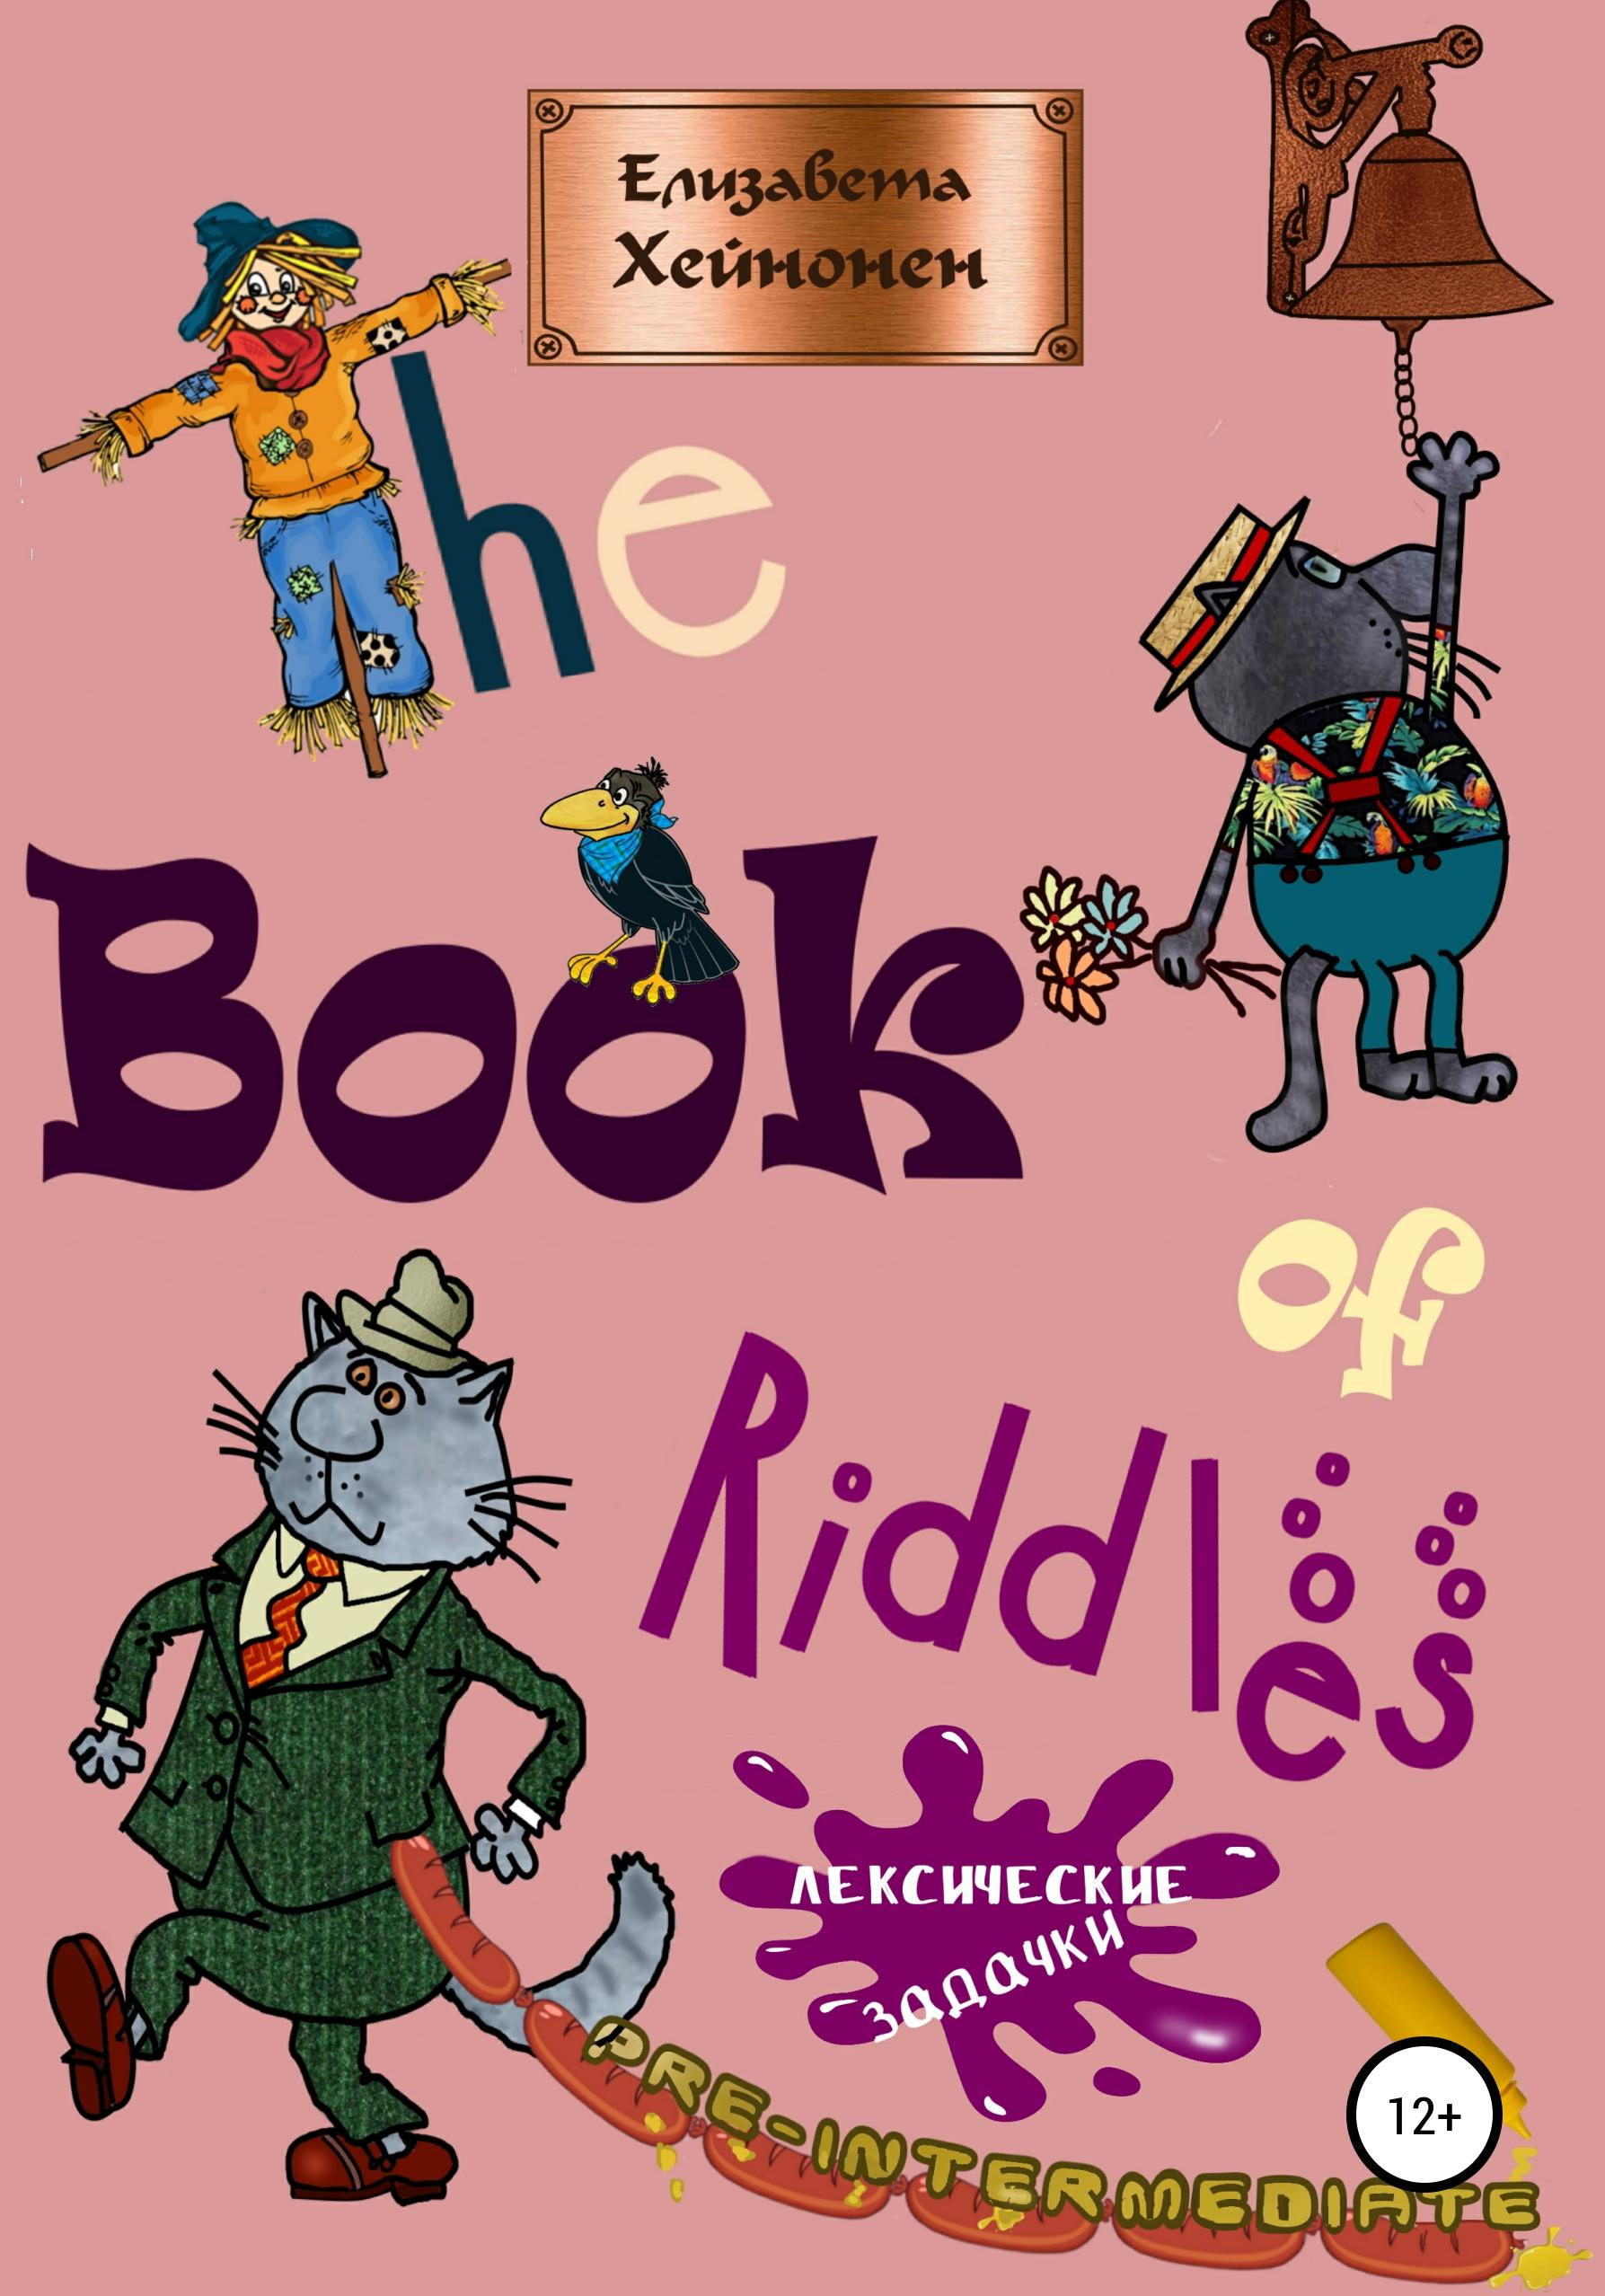 Купить книгу The Book of Riddles. Лексические задачки, автора Елизаветы Хейнонен